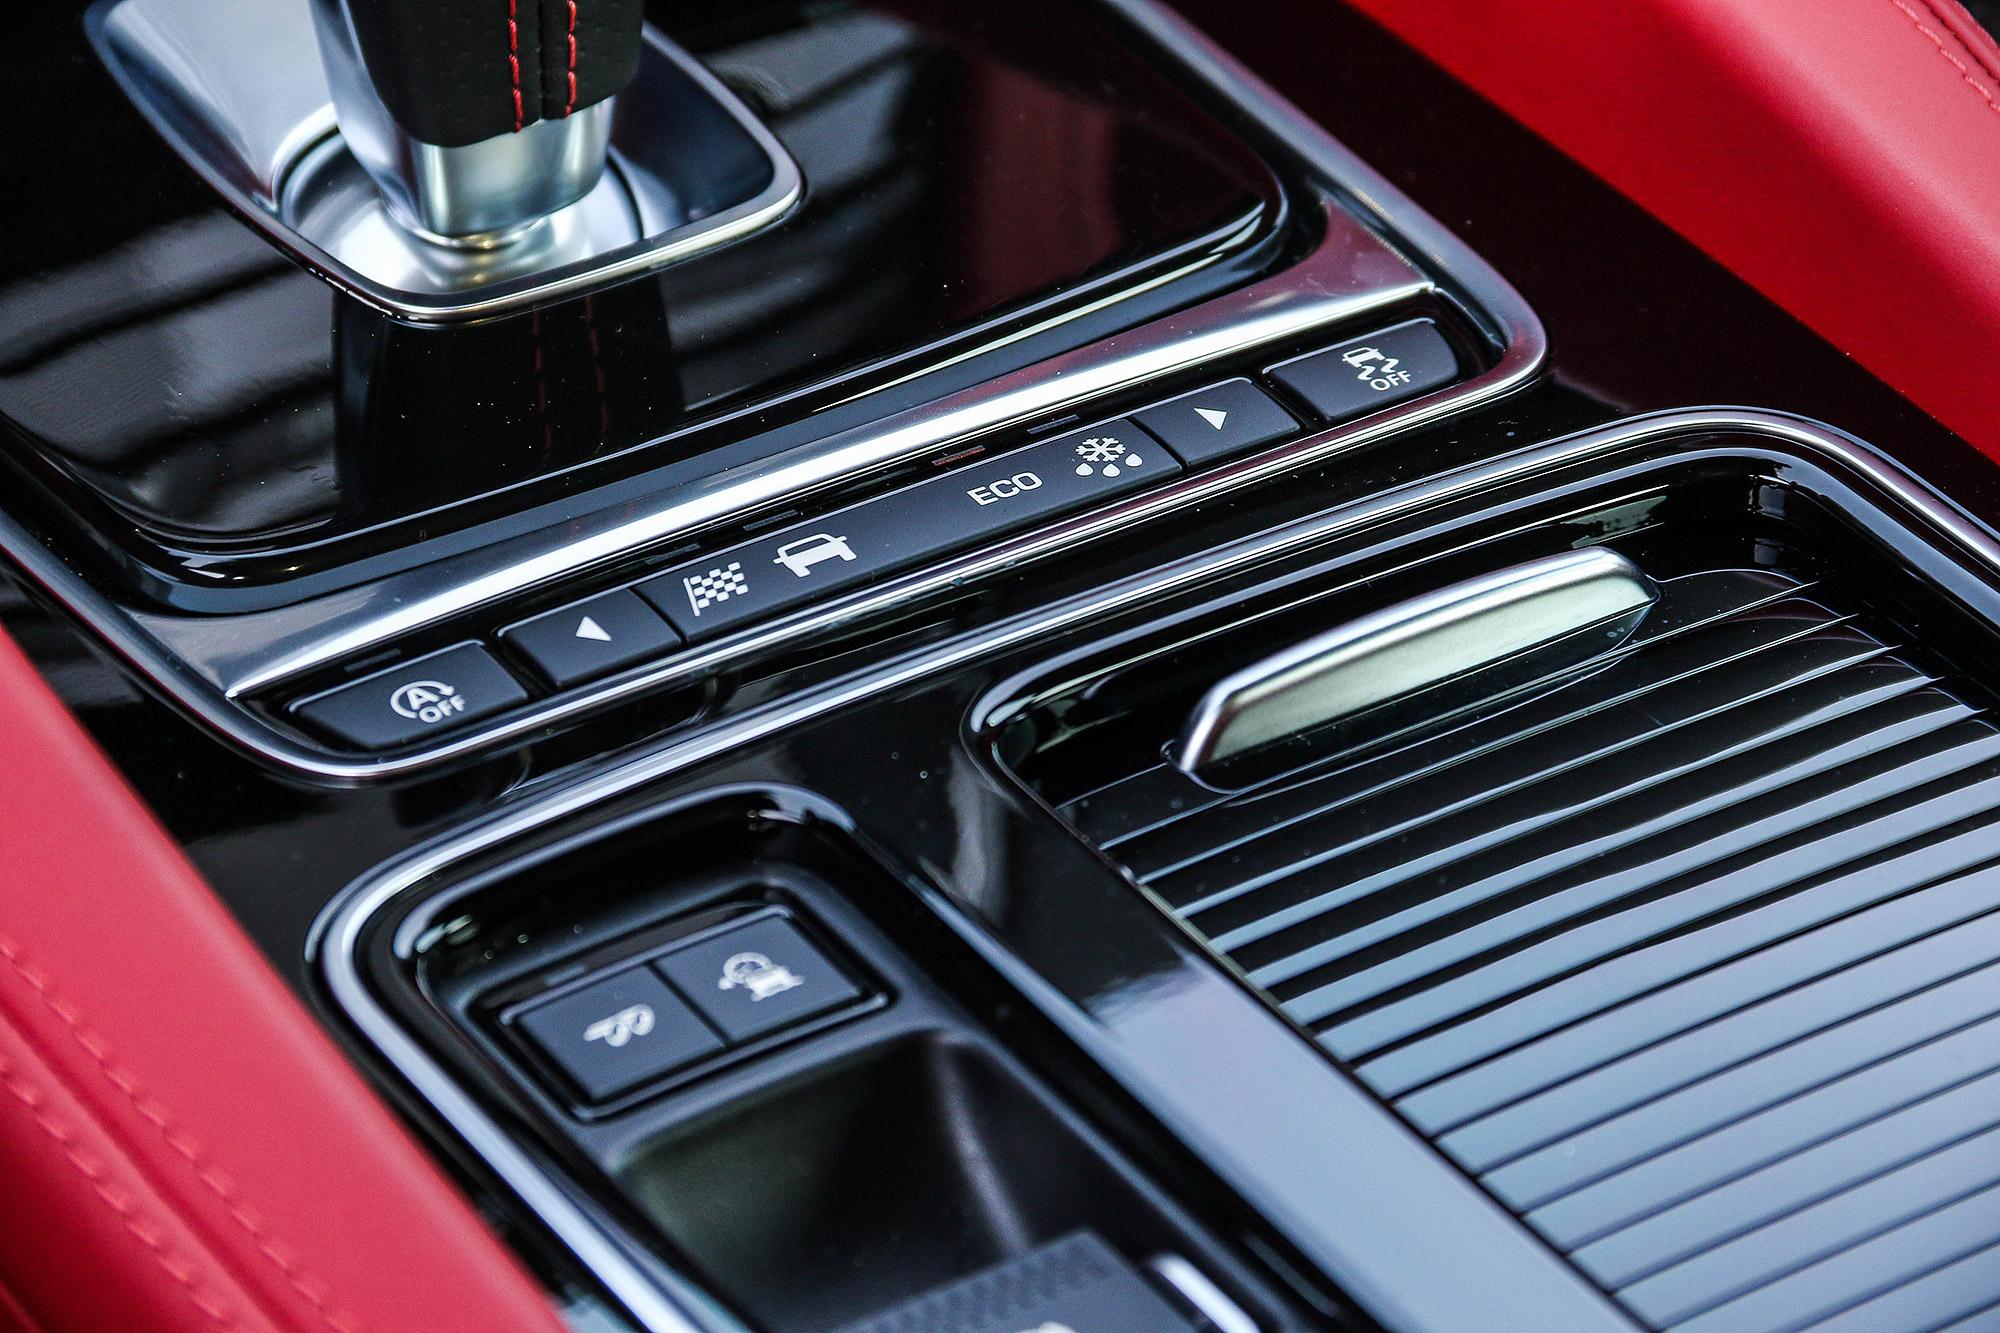 除了駕駛模式選擇系統外,也配備排氣管閥門。